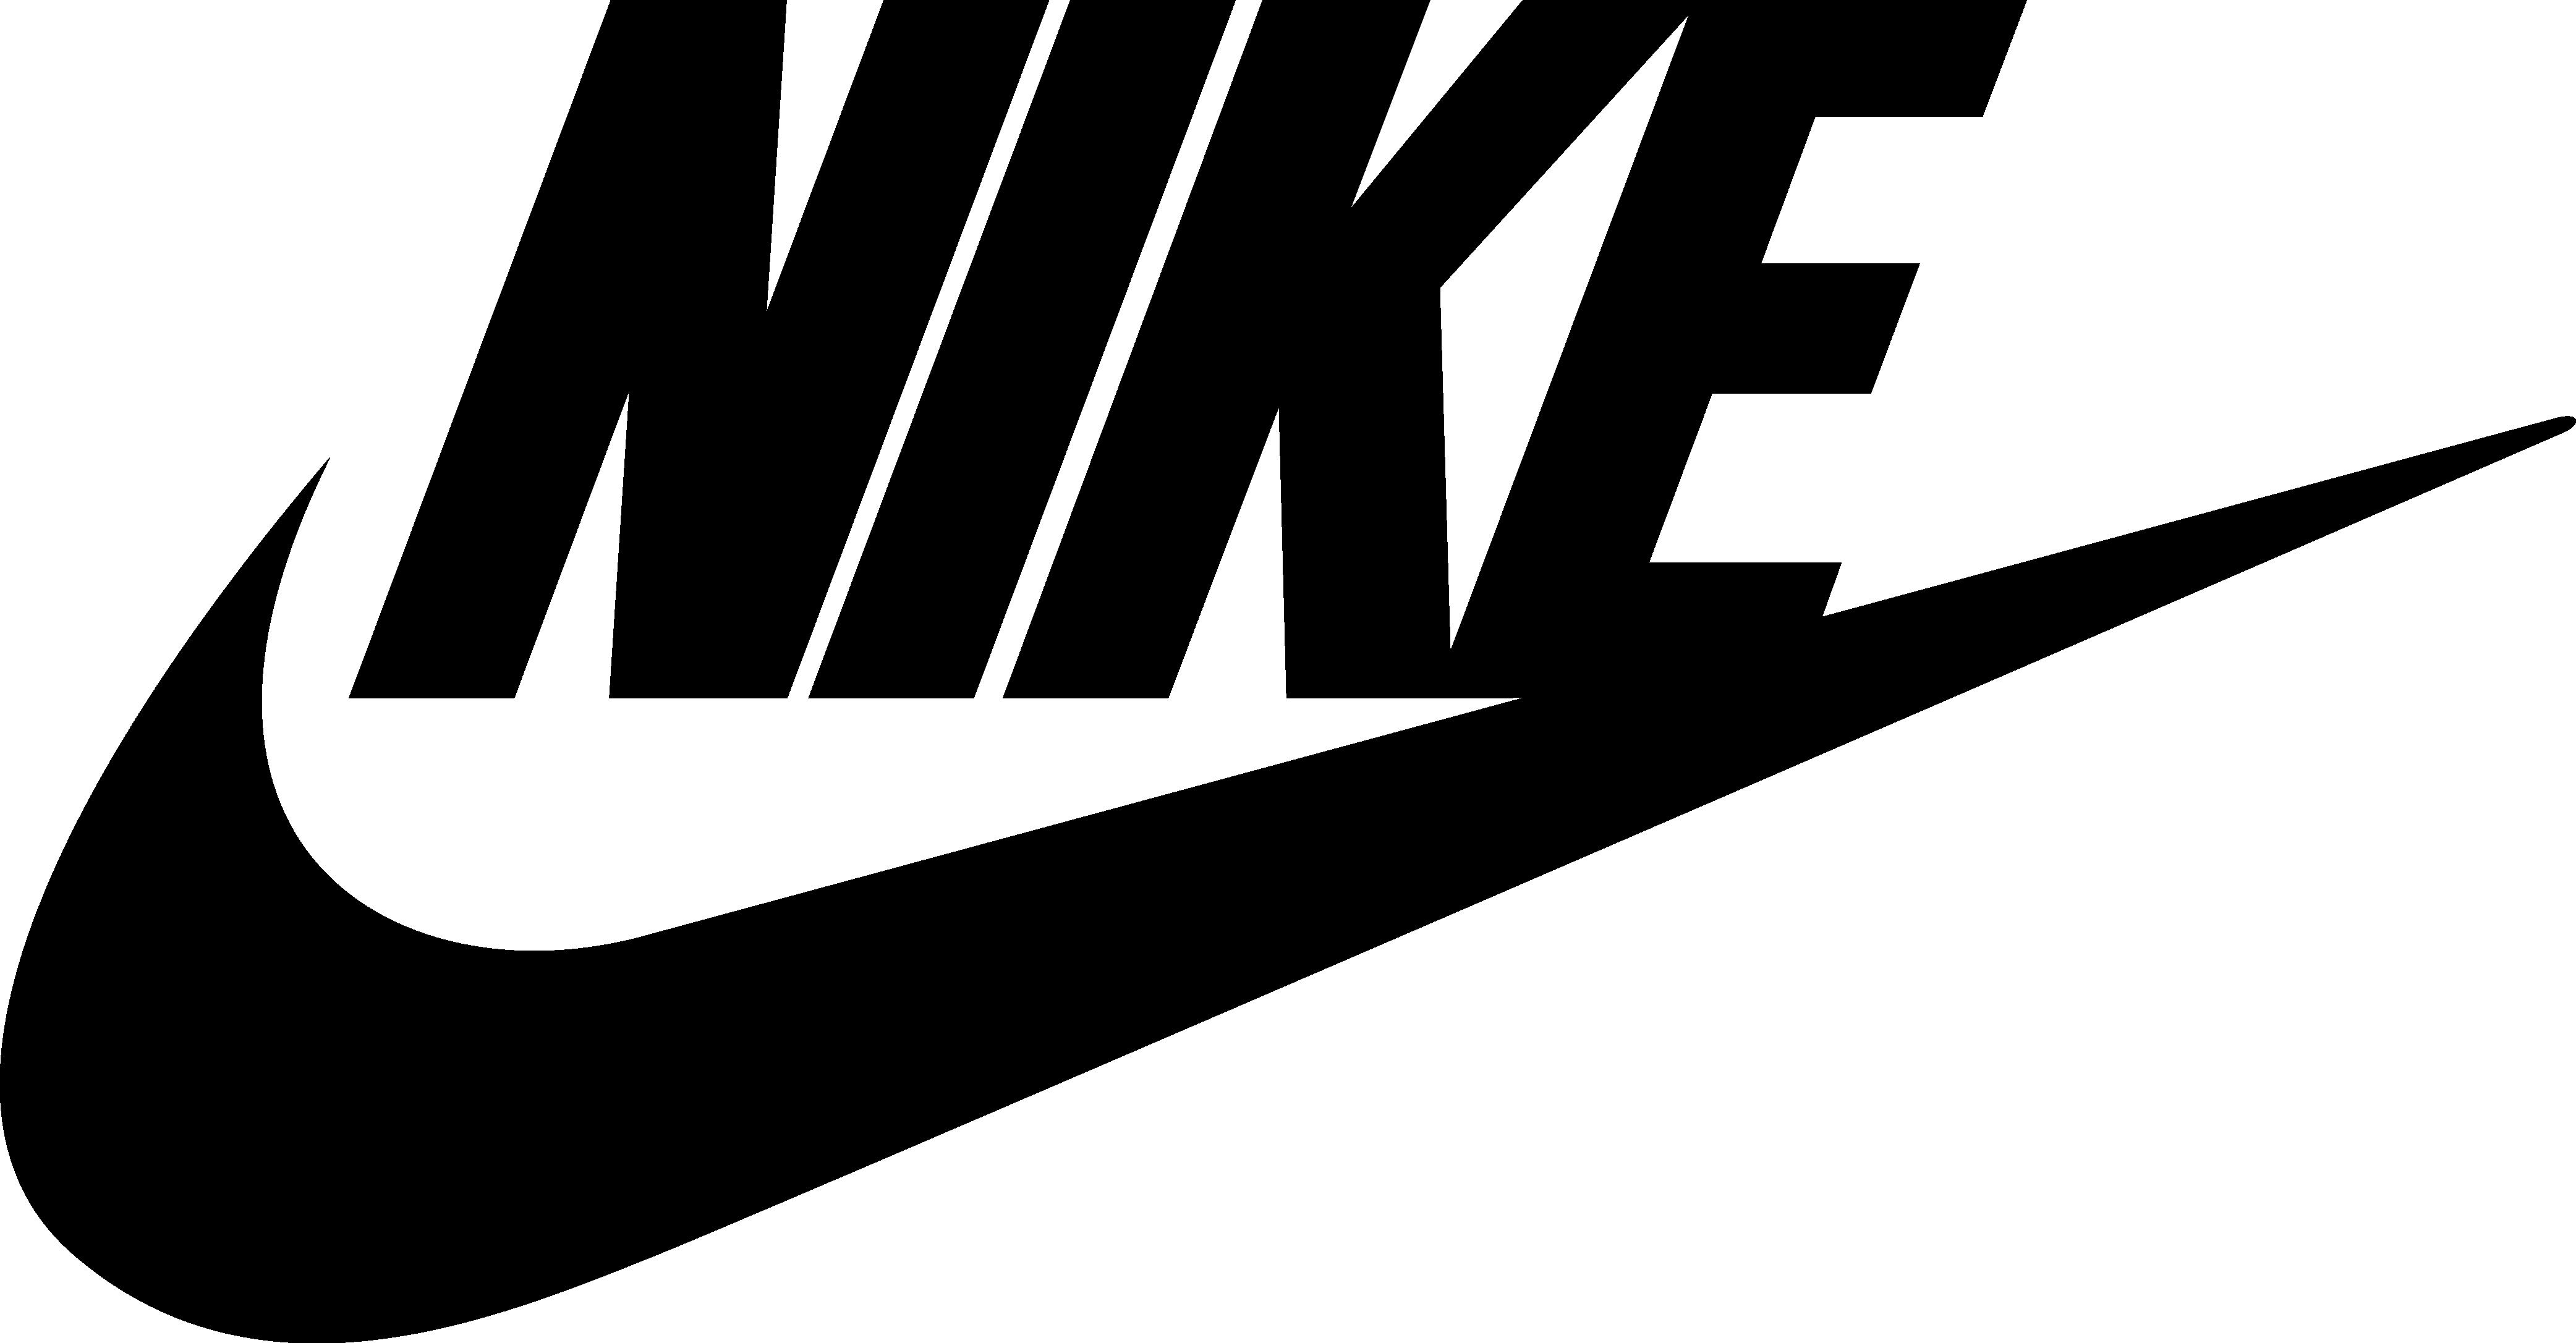 Nike Swoosh Logo Desktop Wallpaper Just Do It.